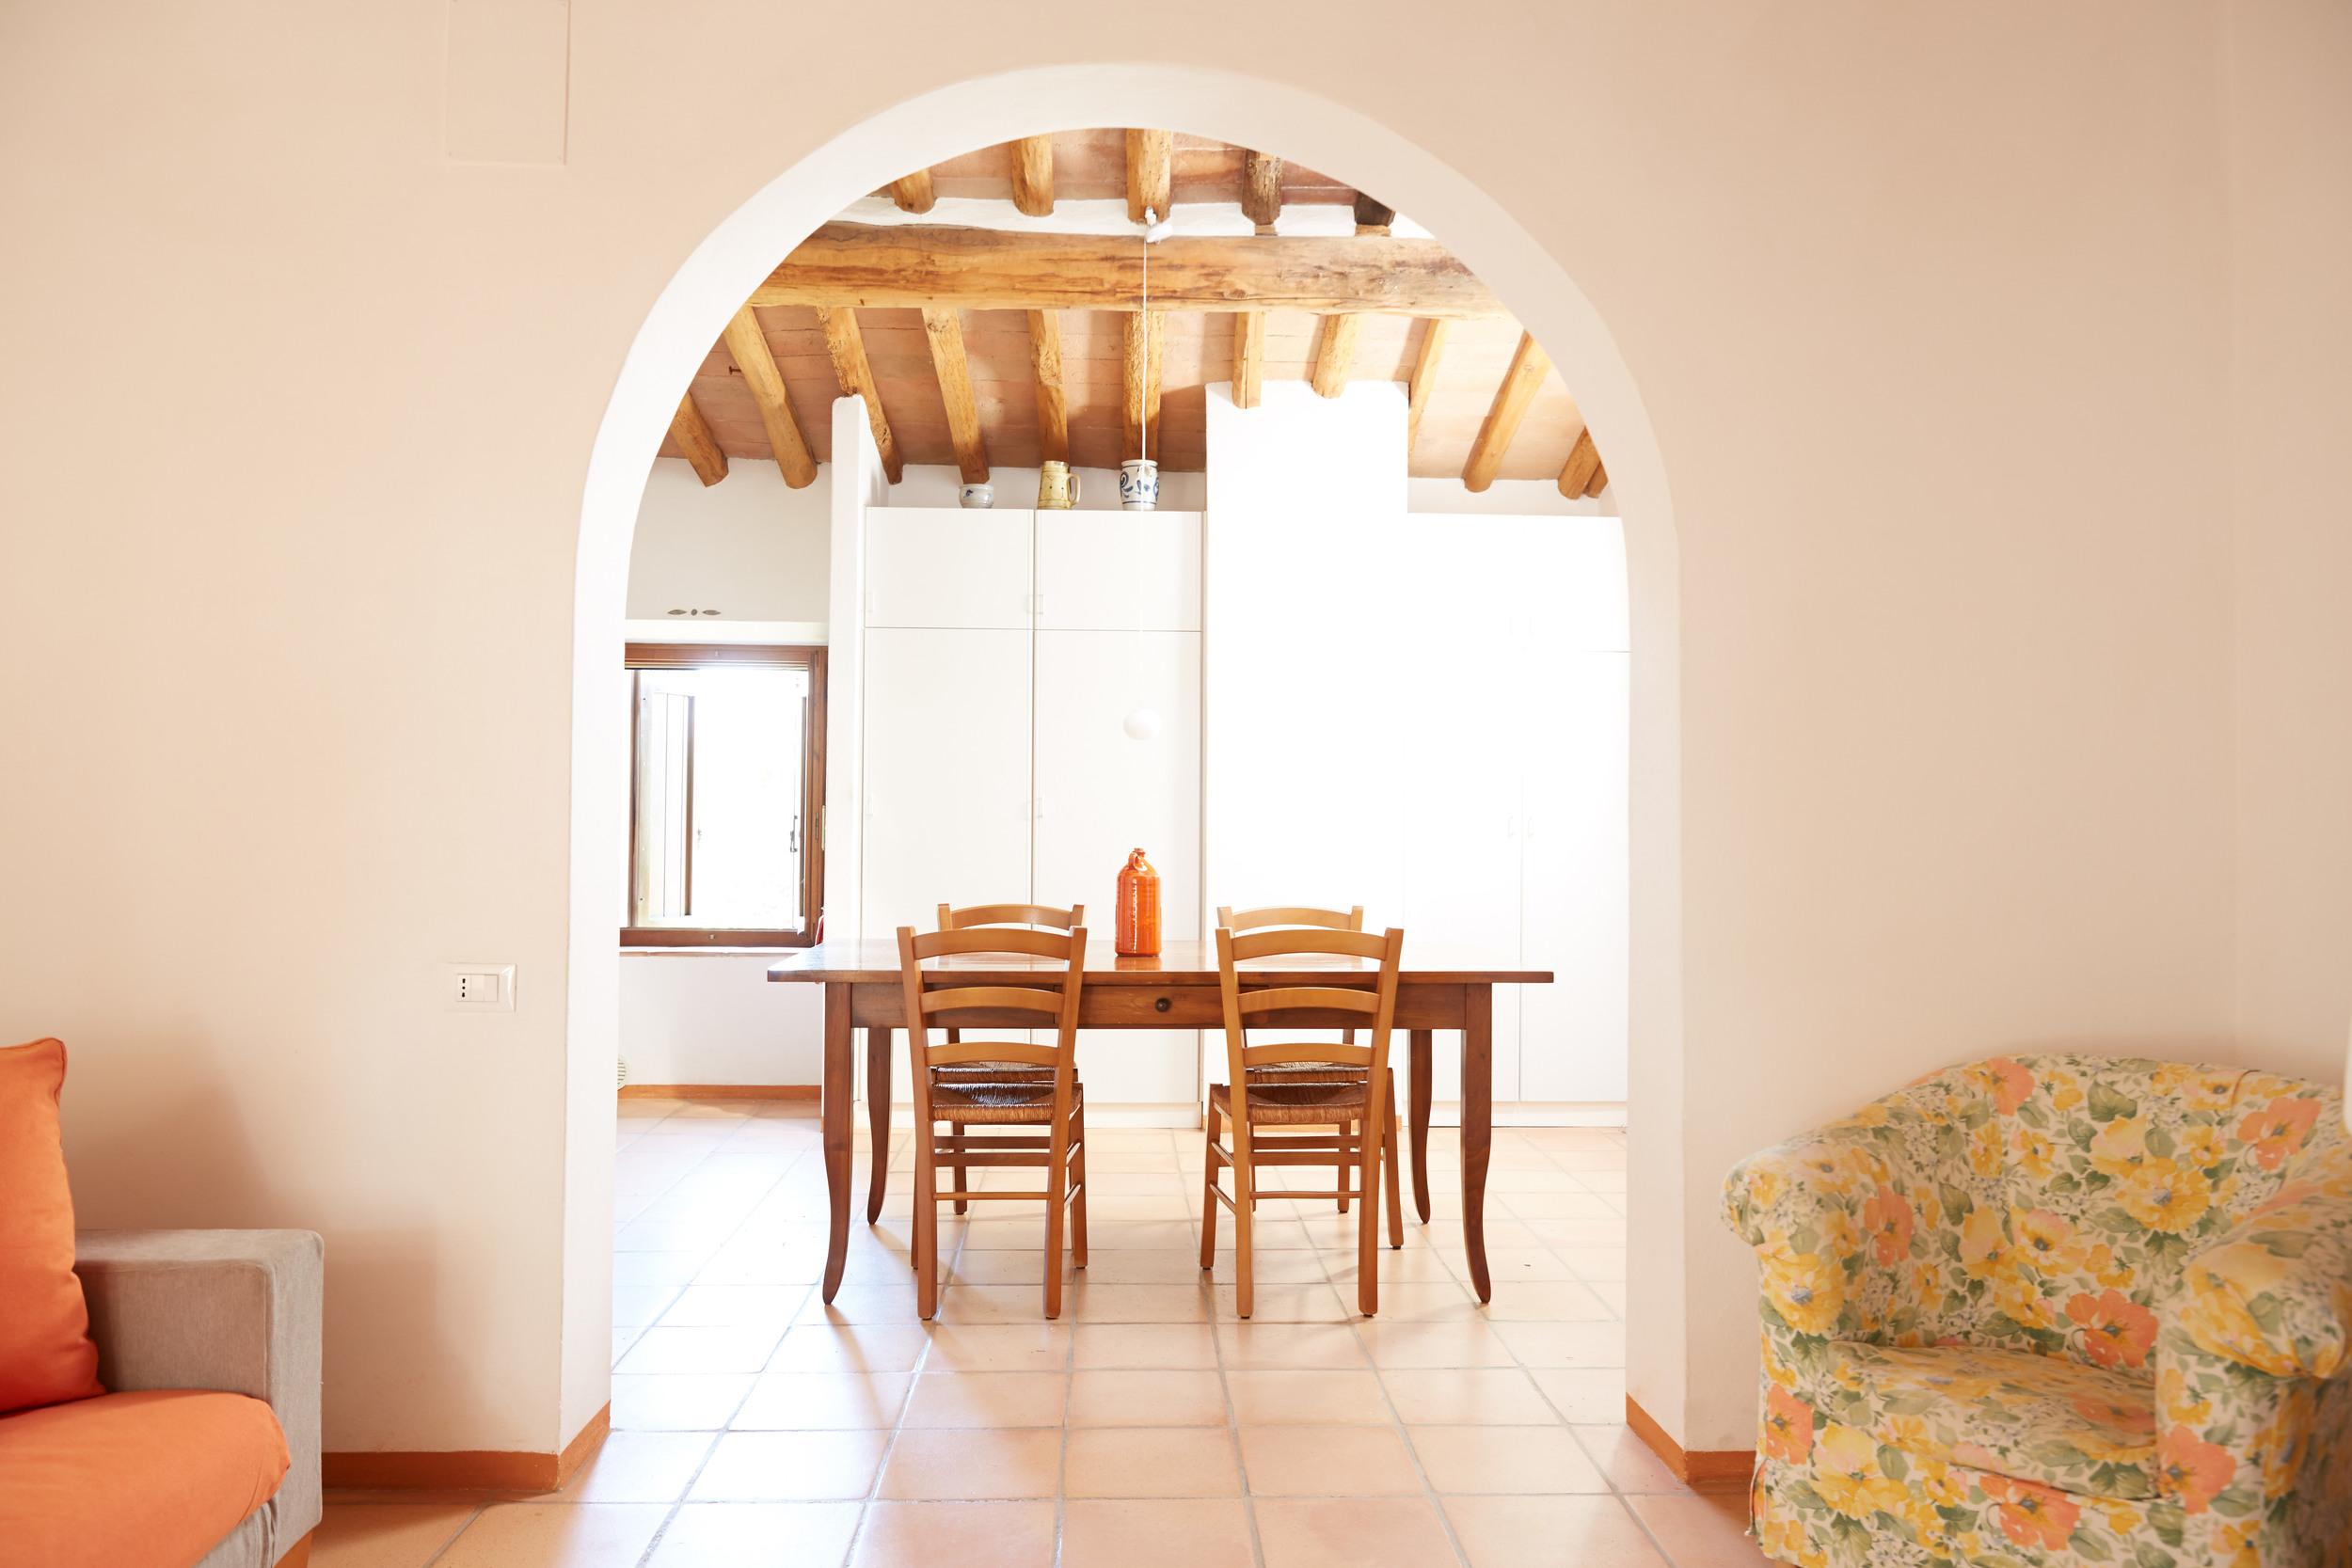 Das grosszügig-bequeme Mezzo ist eine ideale Familienwohnung für 4+ Personen. Ab 113 €/Tag (Off-Saison)